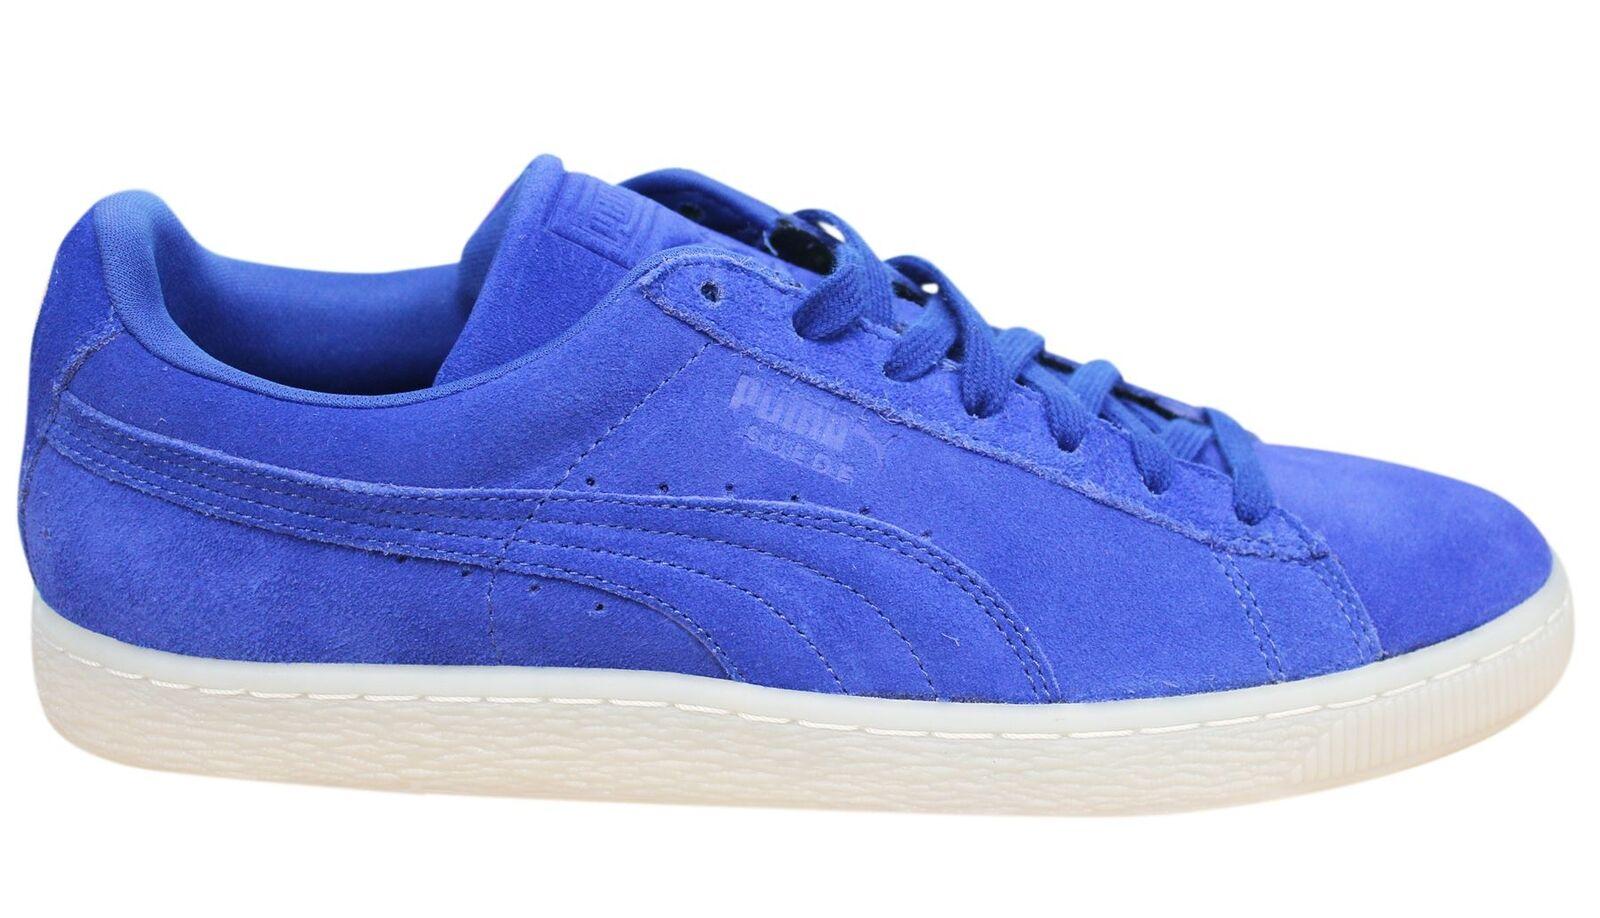 Puma Wildleder klassisch bunt blau 360850 Leder Schnürbar Herren Turnschuhe 360850 blau 06 P 17c173